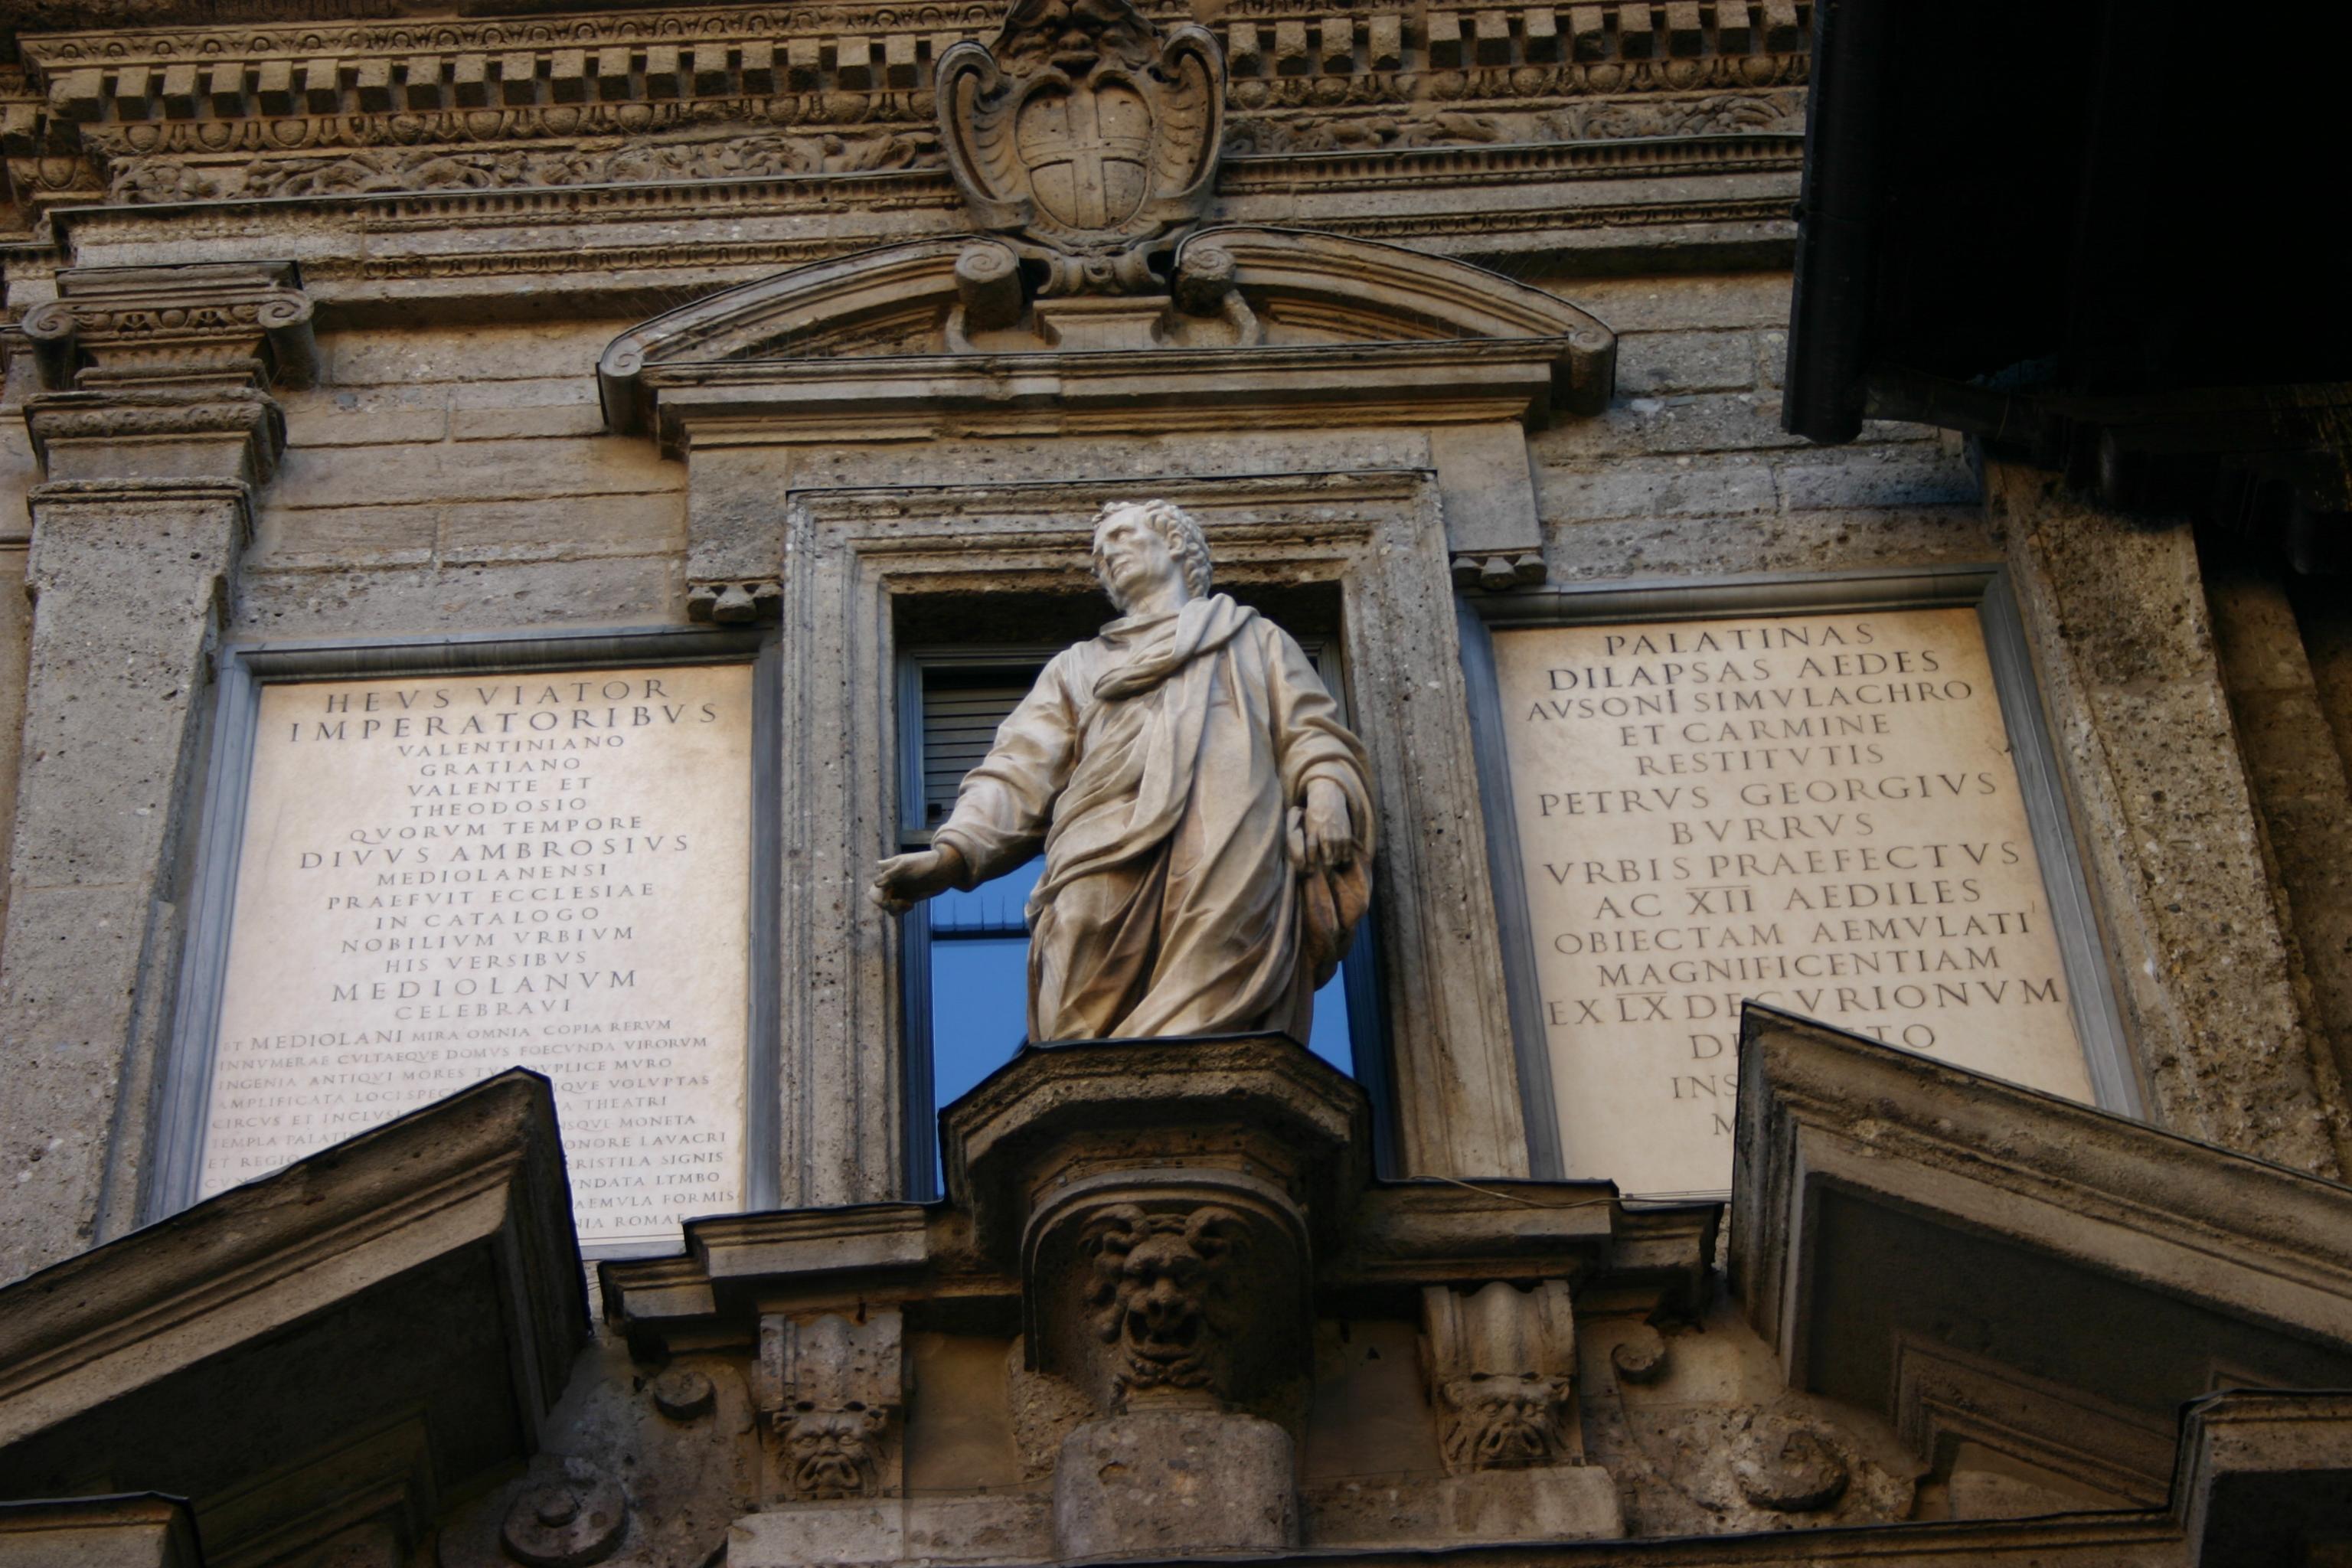 Monument to Ausonius in Milan.